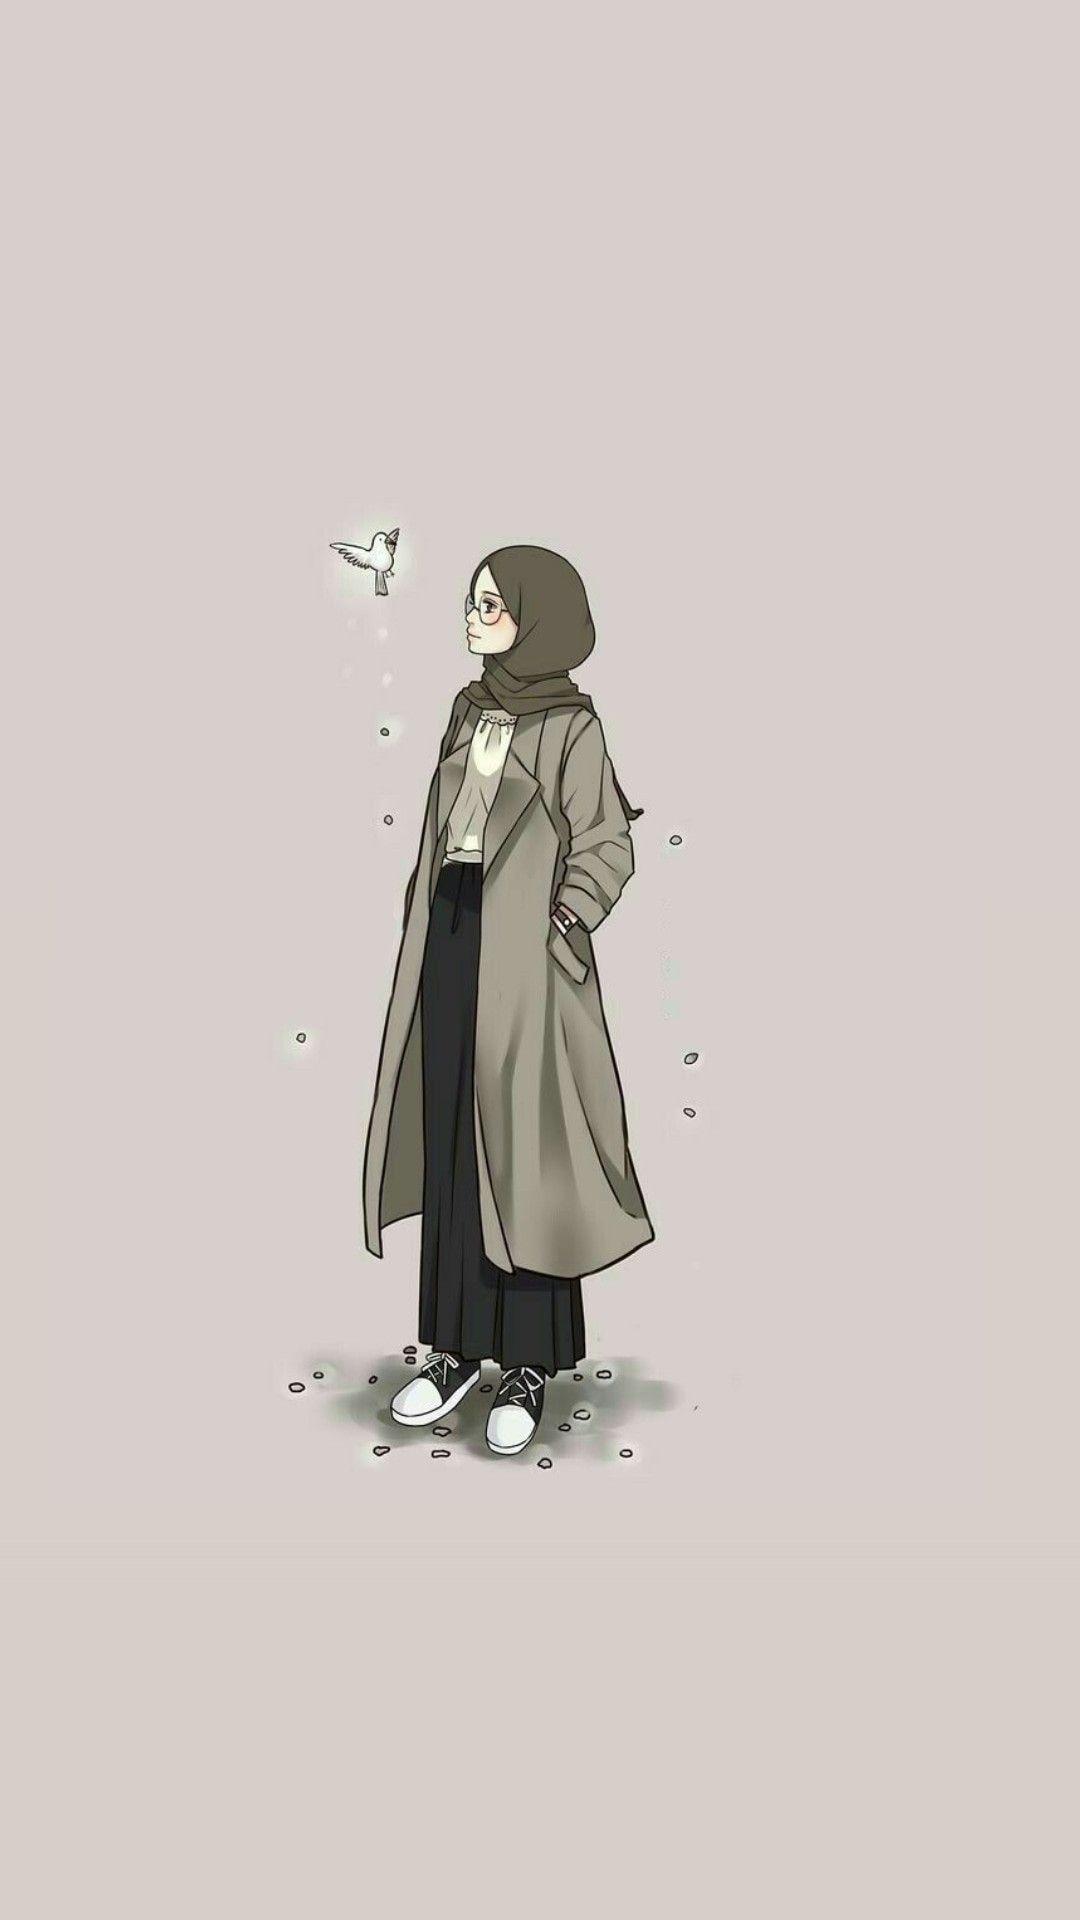 Aesthetic Wallpaper Hijab Art Novocom Top